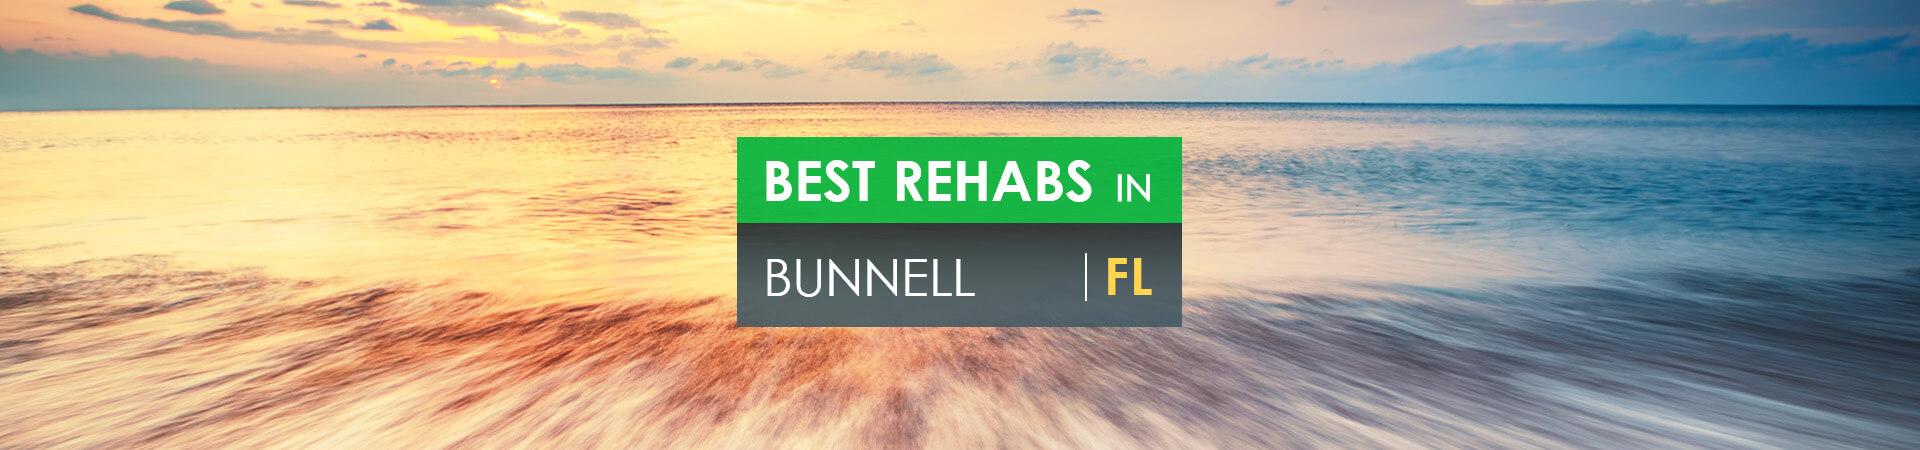 Best rehabs in Bunnell, FL